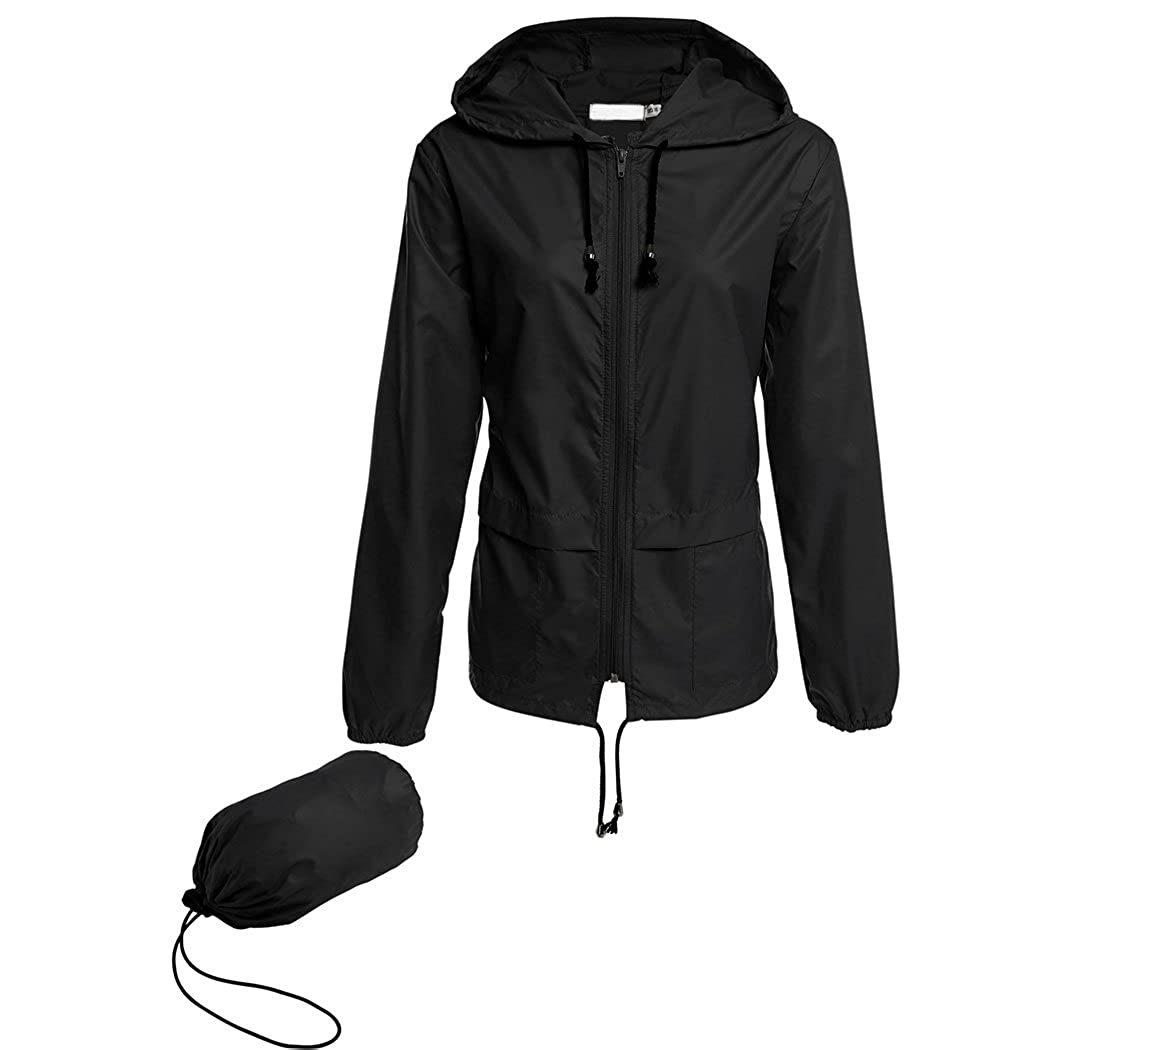 22ded5ab661c Amazon.com  Hount Women s Lightweight Hooded Raincoat Waterproof Packable  Active Outdoor Rain Jacket  Clothing